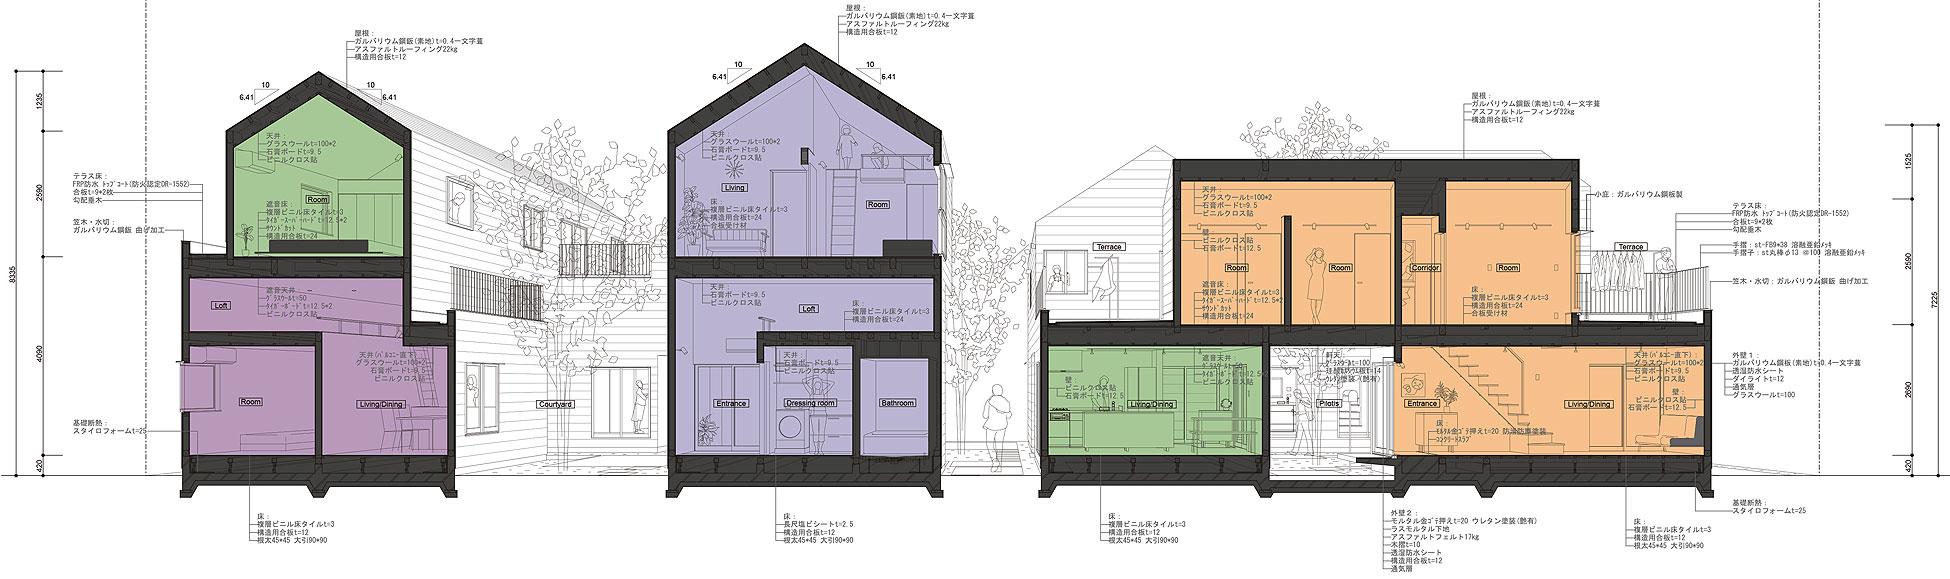 apartamentos de alquiler de masahiko fujimori - planimetria (21)